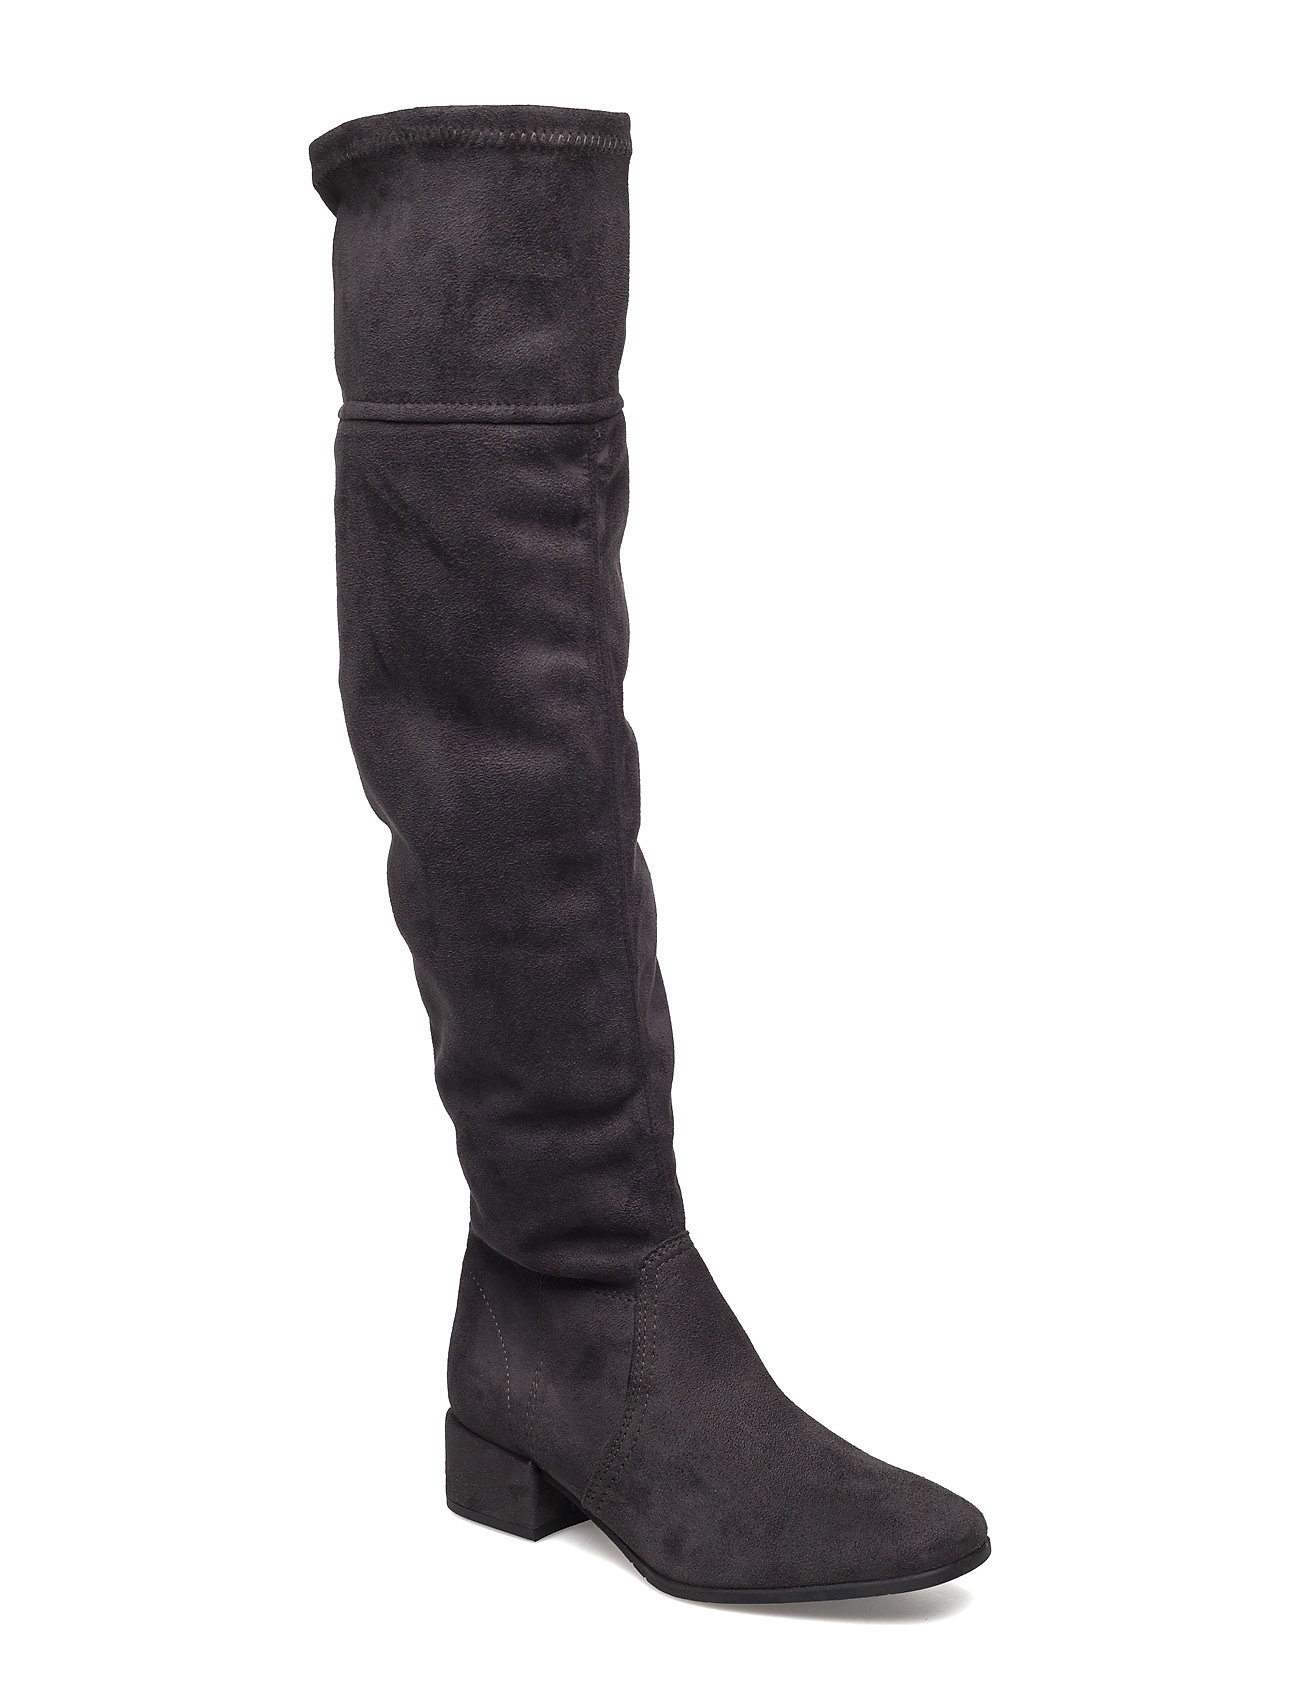 tamaris – Woms boots på boozt.com dk